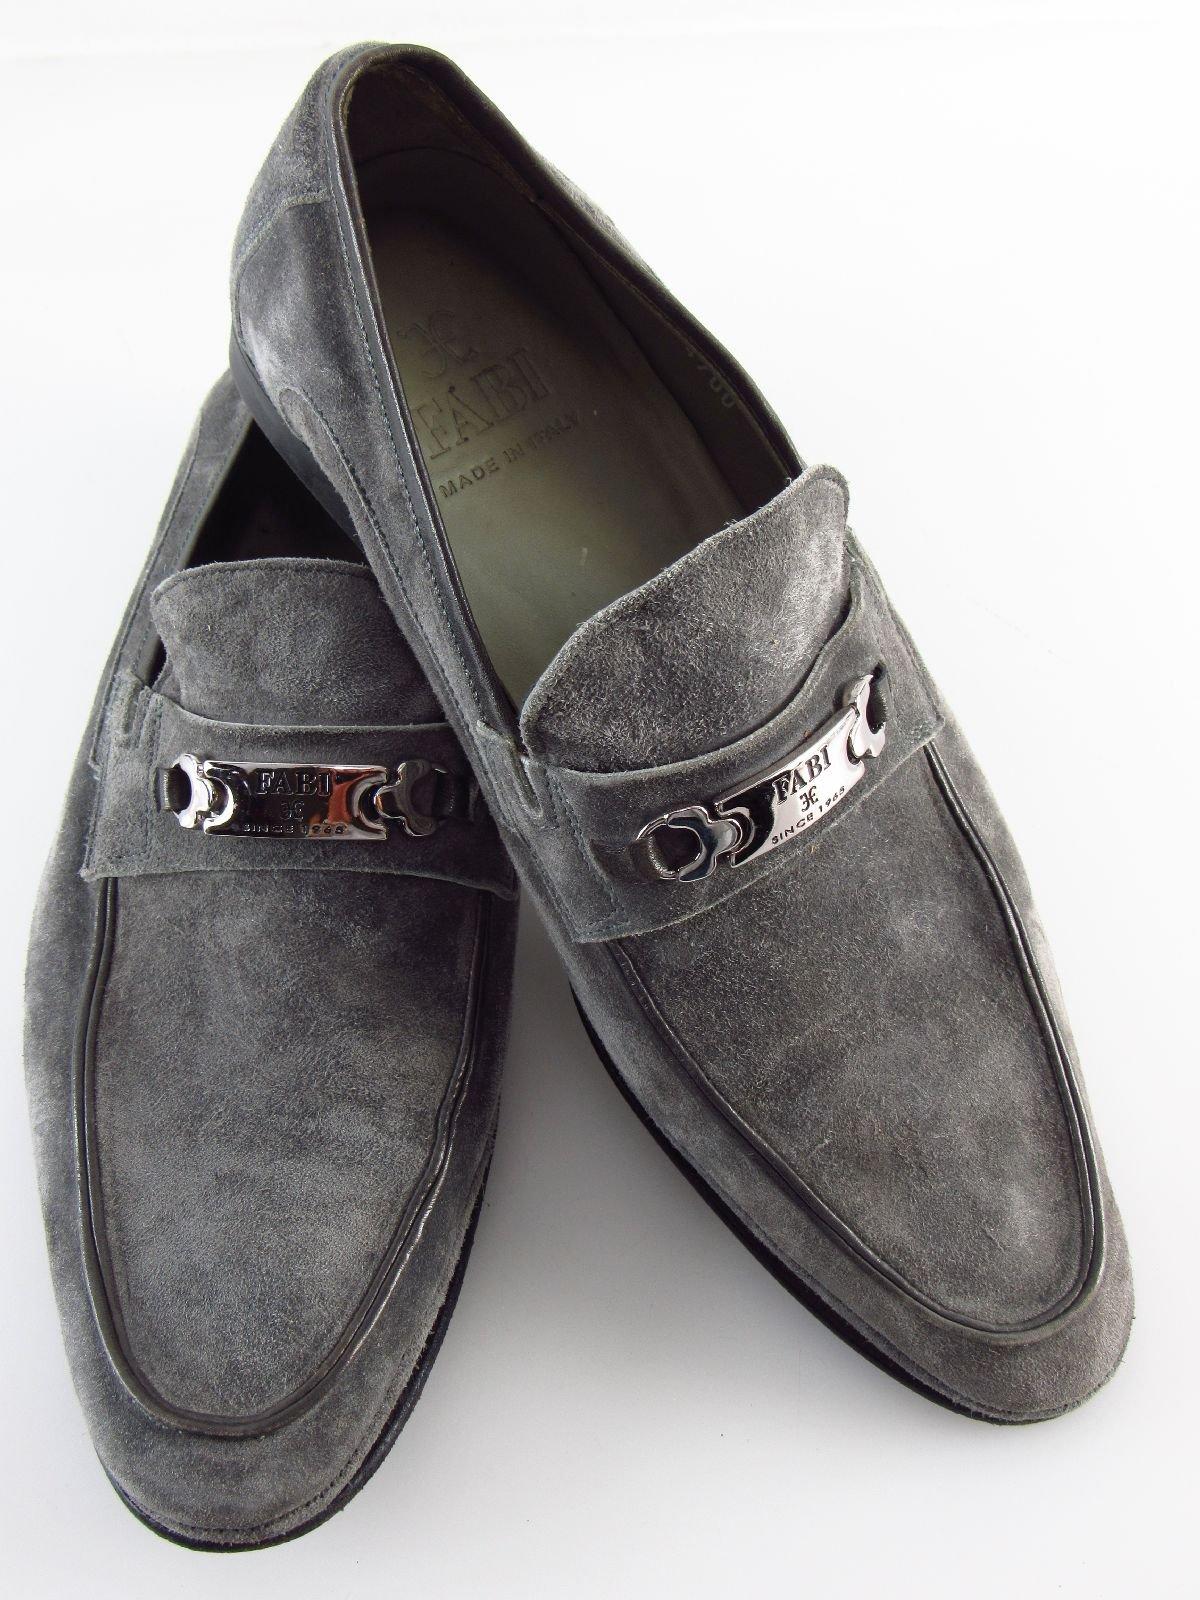 cbef70f363a081 Angeboten werden ein Paar getragene FABI Herren Slipper in Größe 39 aus  grauem Wildleder. Gebrauchte Artikel mit entsprechenden Tragespuren.